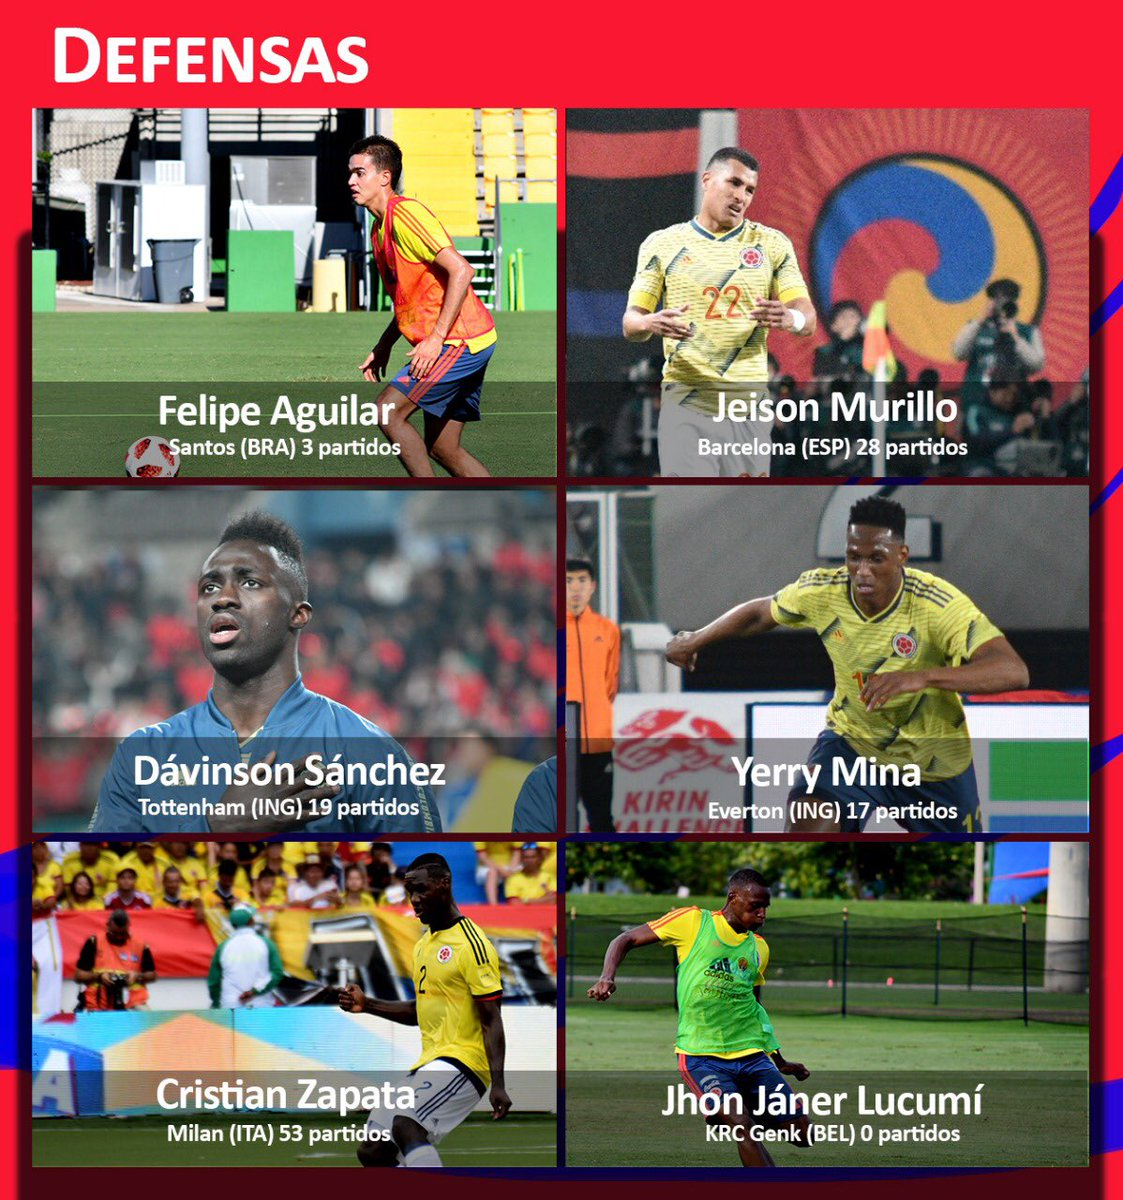 Estos son los defensas de la Selección Colombia en la lista provisional de la @CopaAmerica.   #ListaDe40